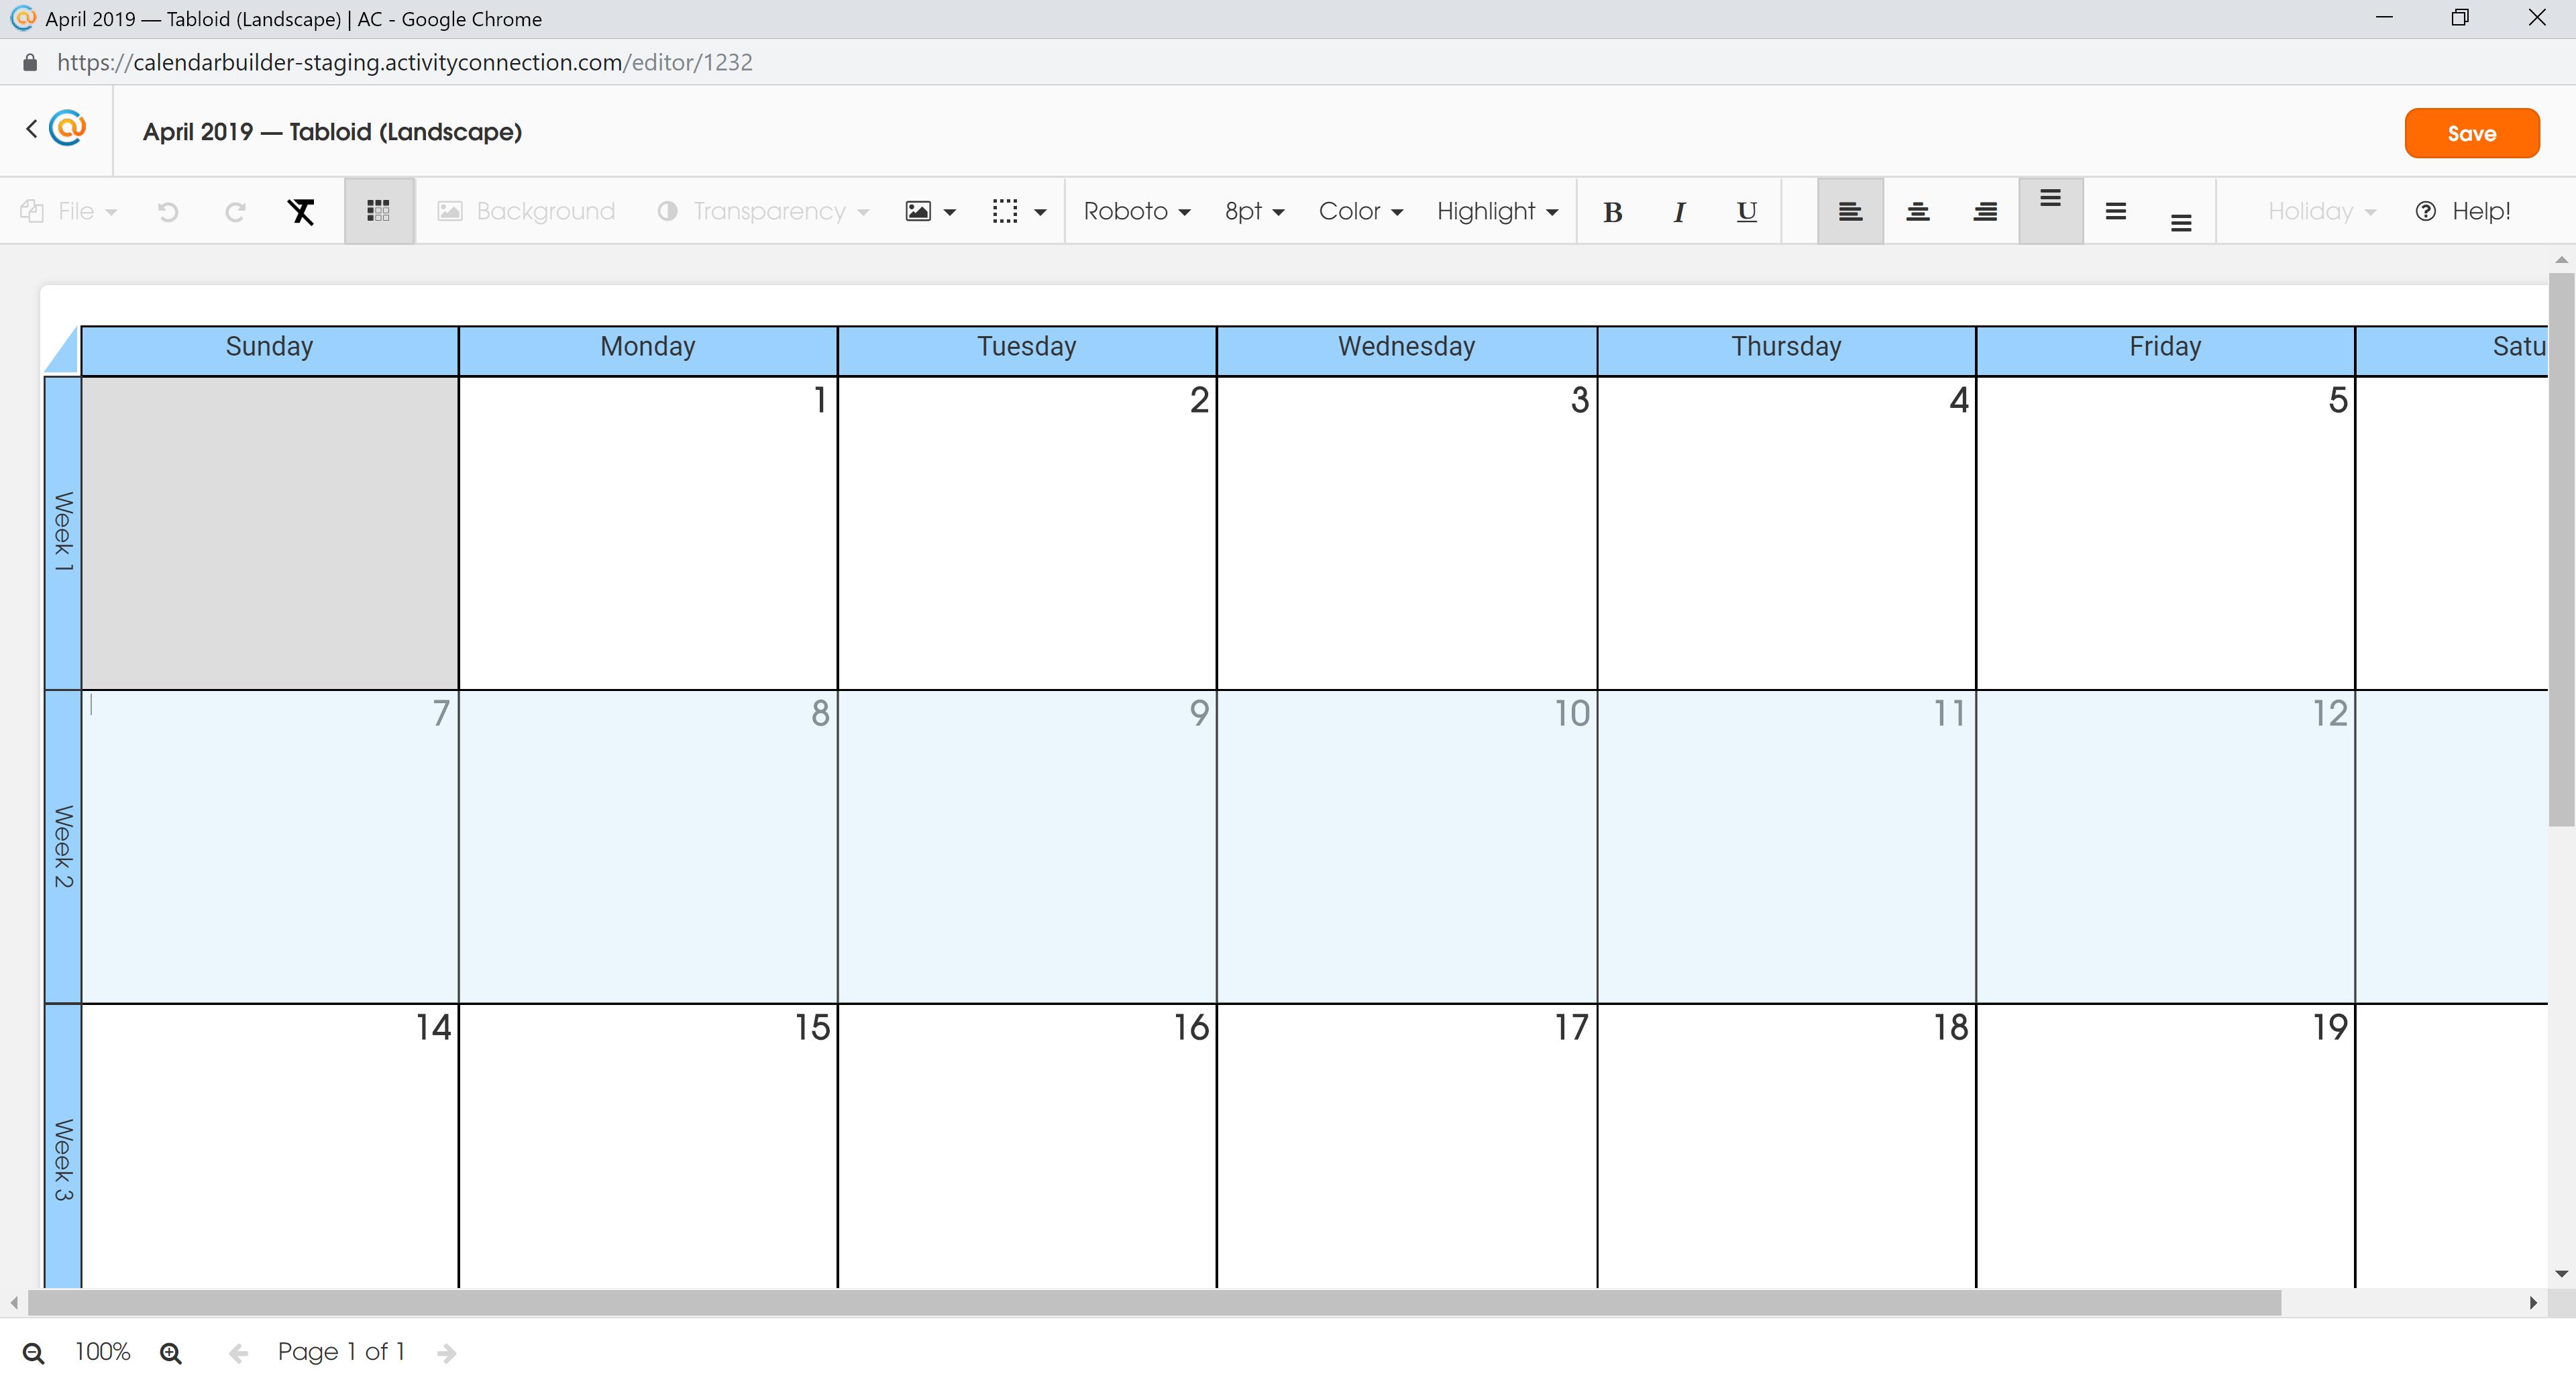 Calendar - Week 2 Selected